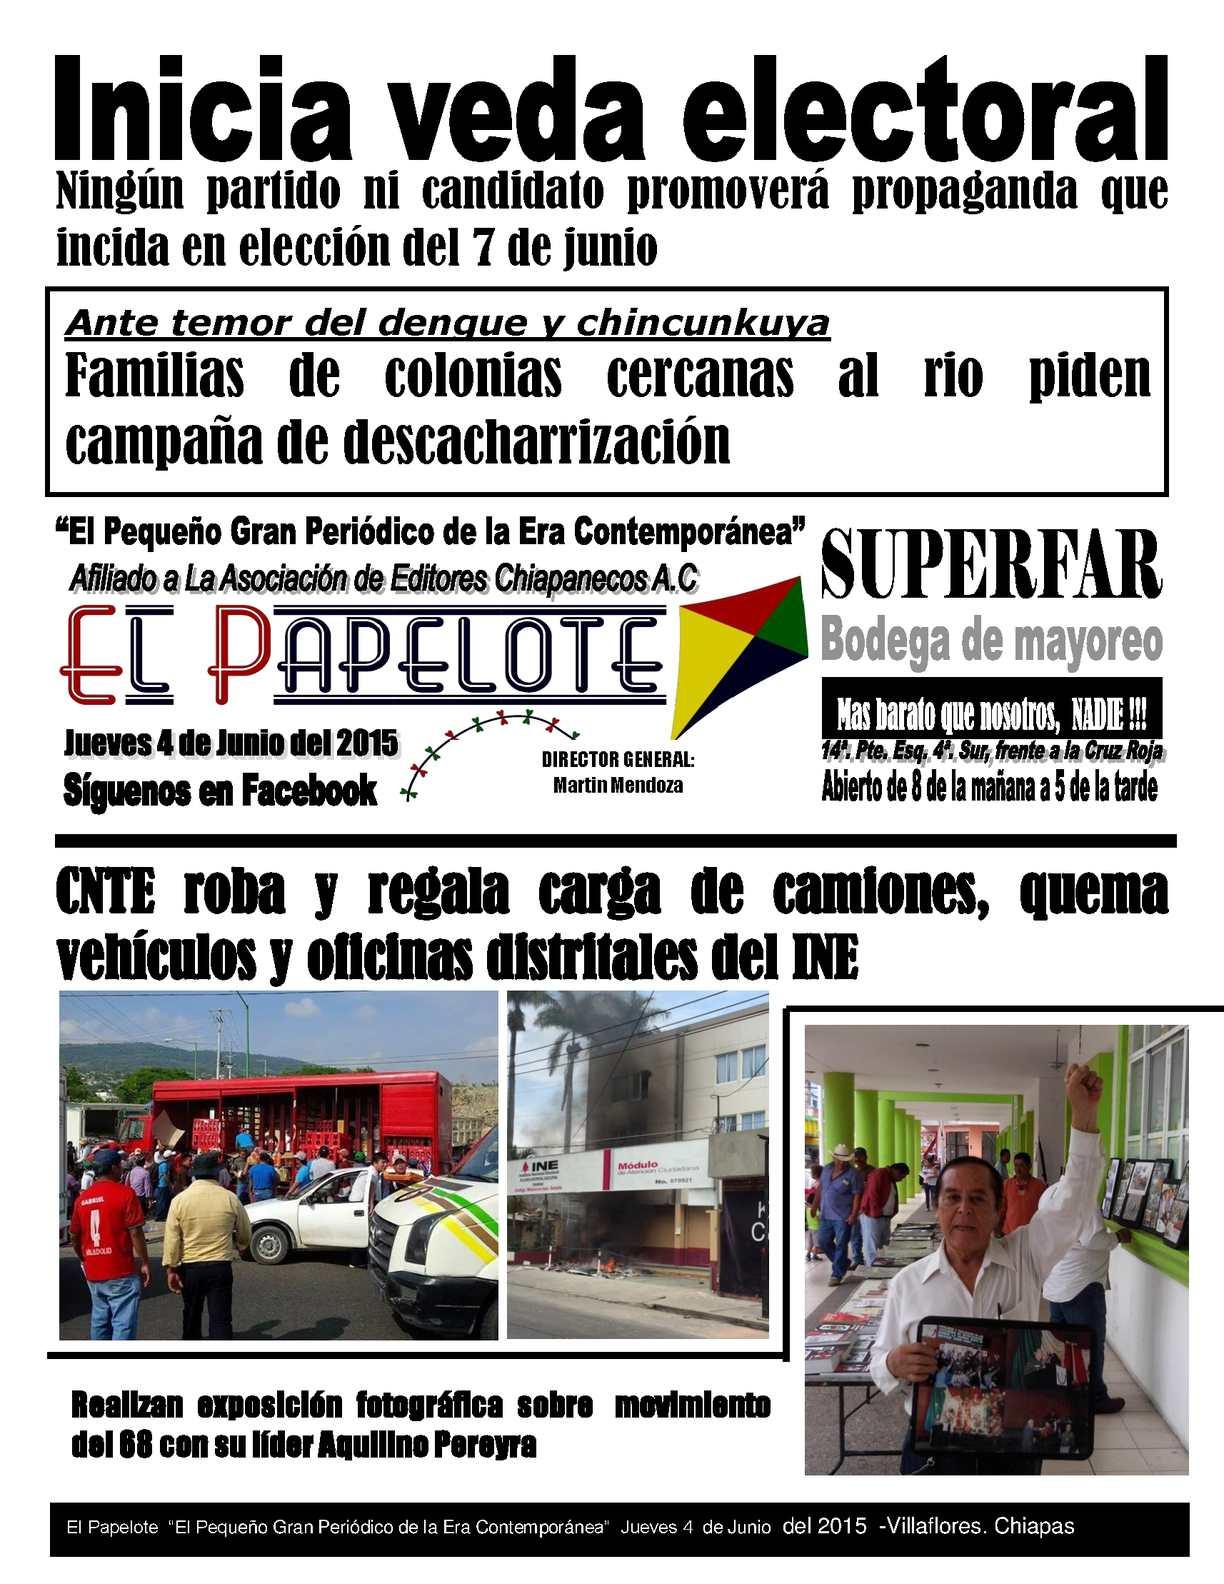 Calaméo 4 De Junio Del Papelote Del Jueves Del 2015